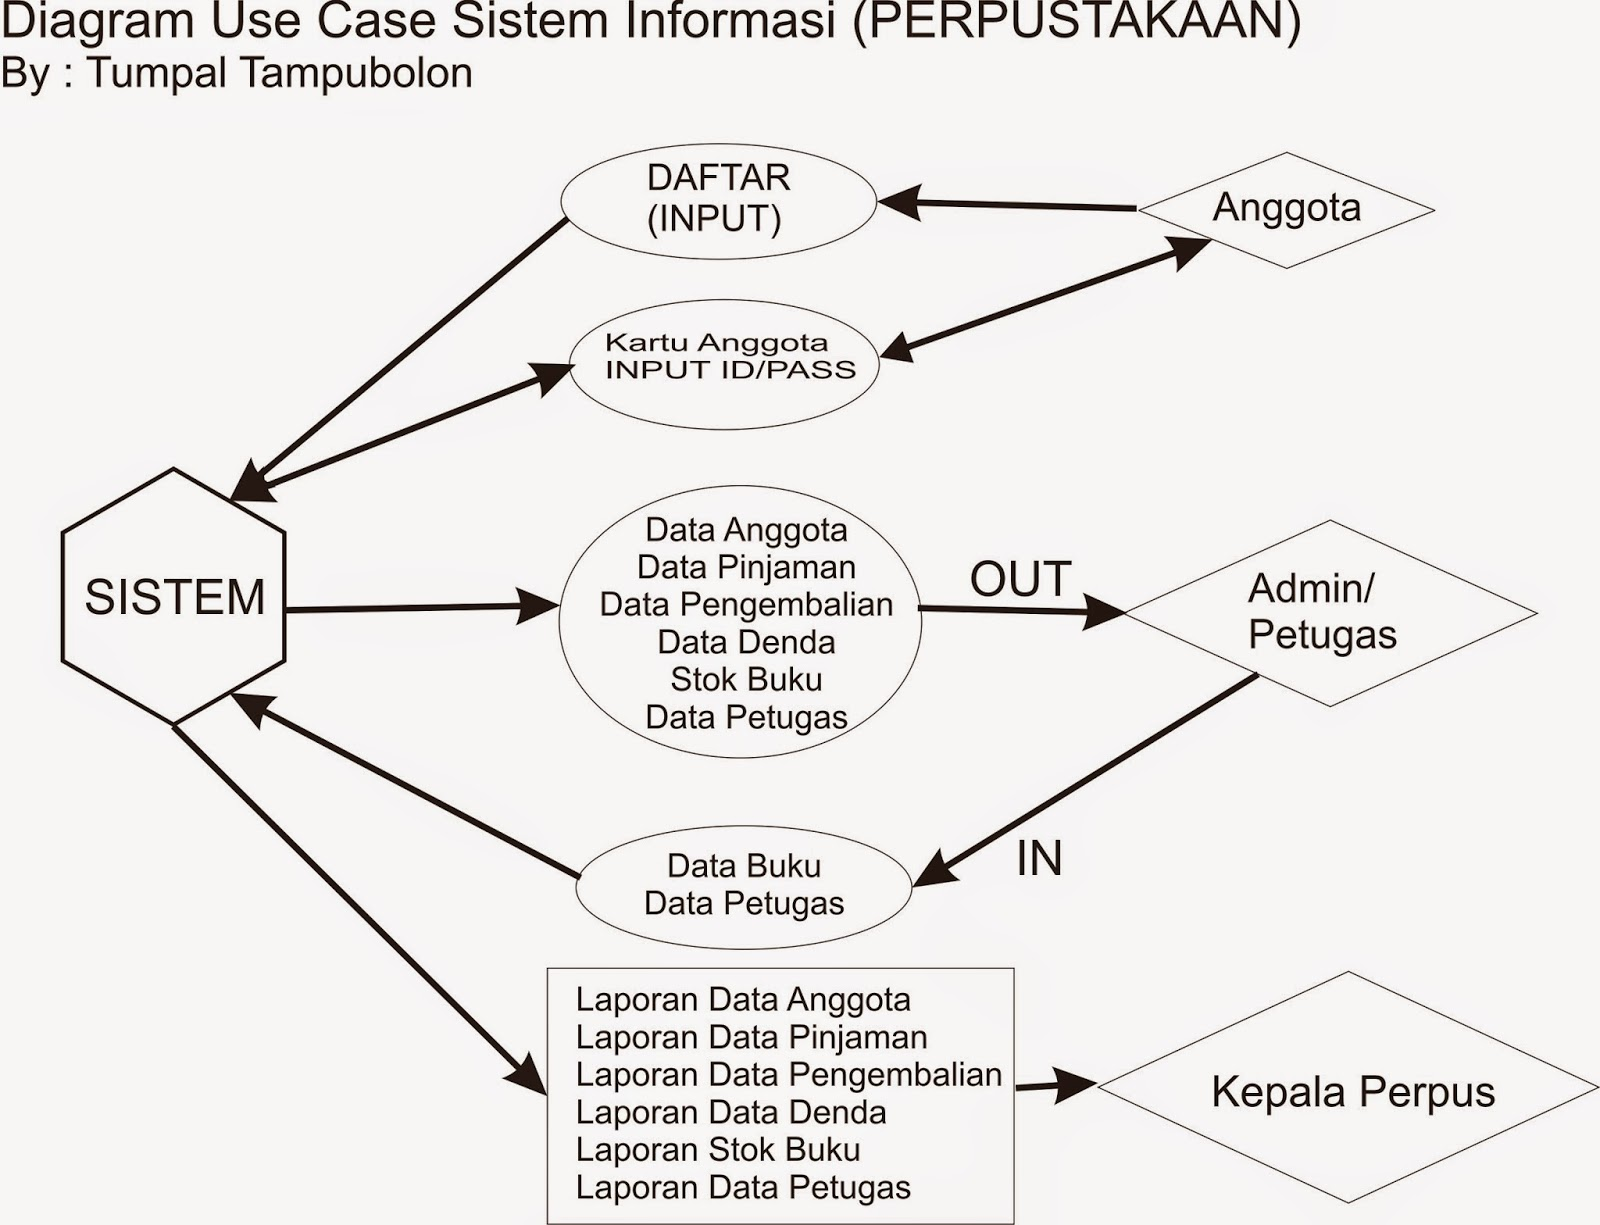 Dfd data flow diagram stok buku perpustakaan menggunakan use case berikut dfd perpus jika dikonversikan ke sistem informasi ccuart Gallery